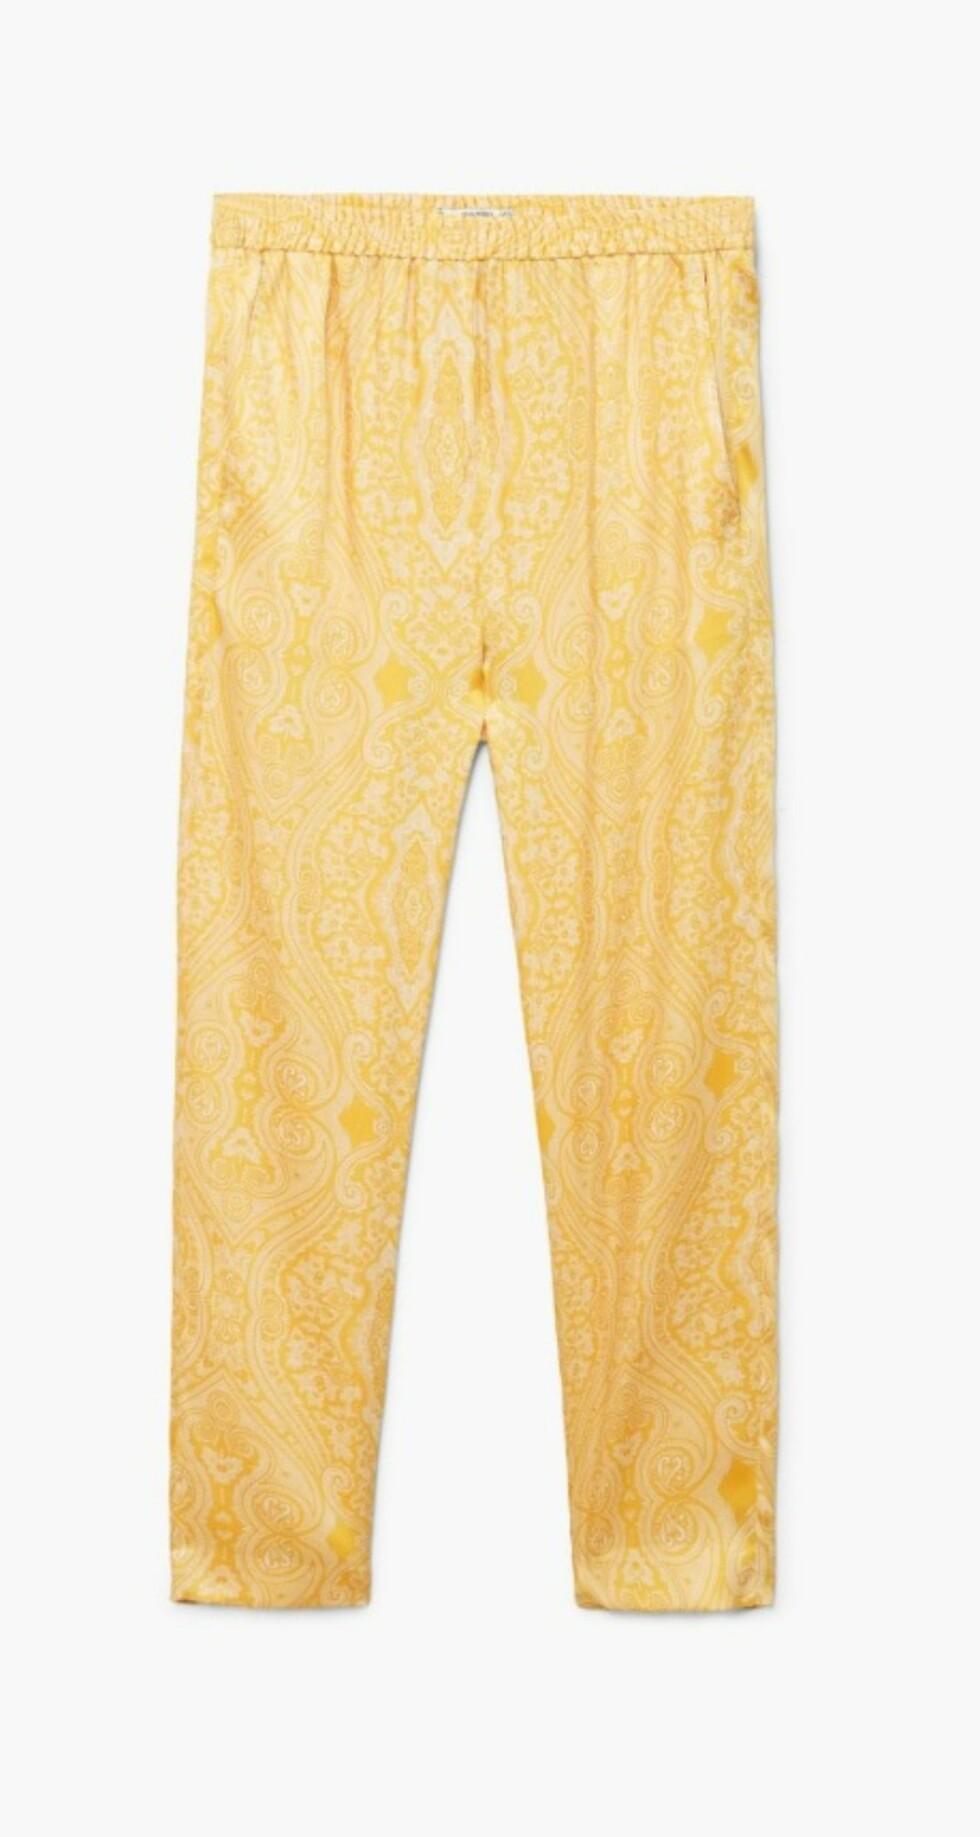 Gul bukse fra Mango  349,-  https://shop.mango.com/no/damer/bukser-straight/bukser-med-paisley-trykk_31050897.html?c=12